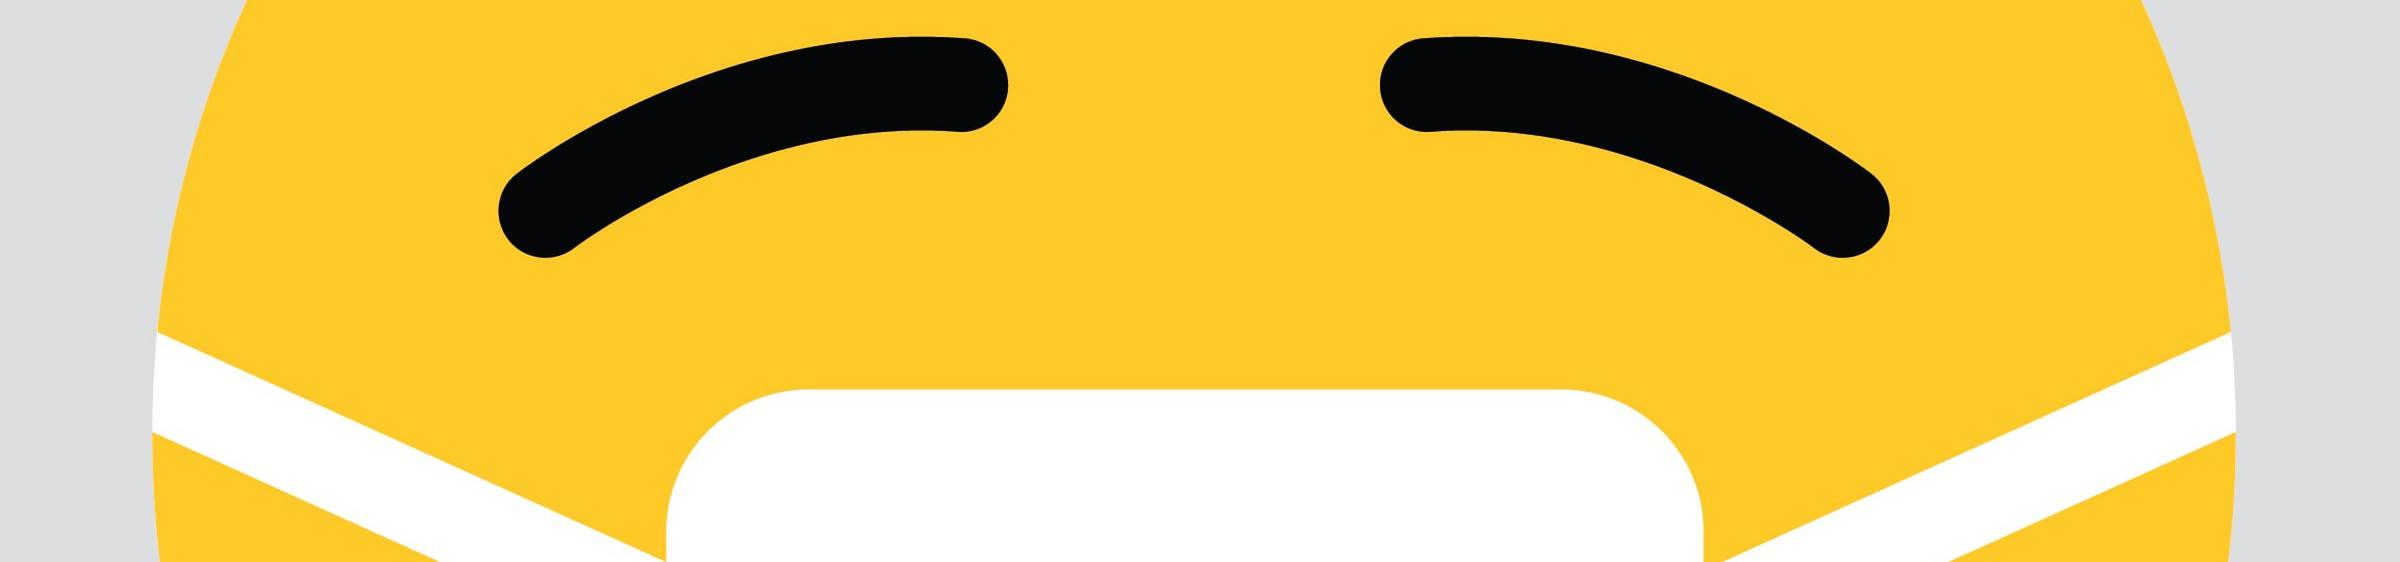 Face mask emoji